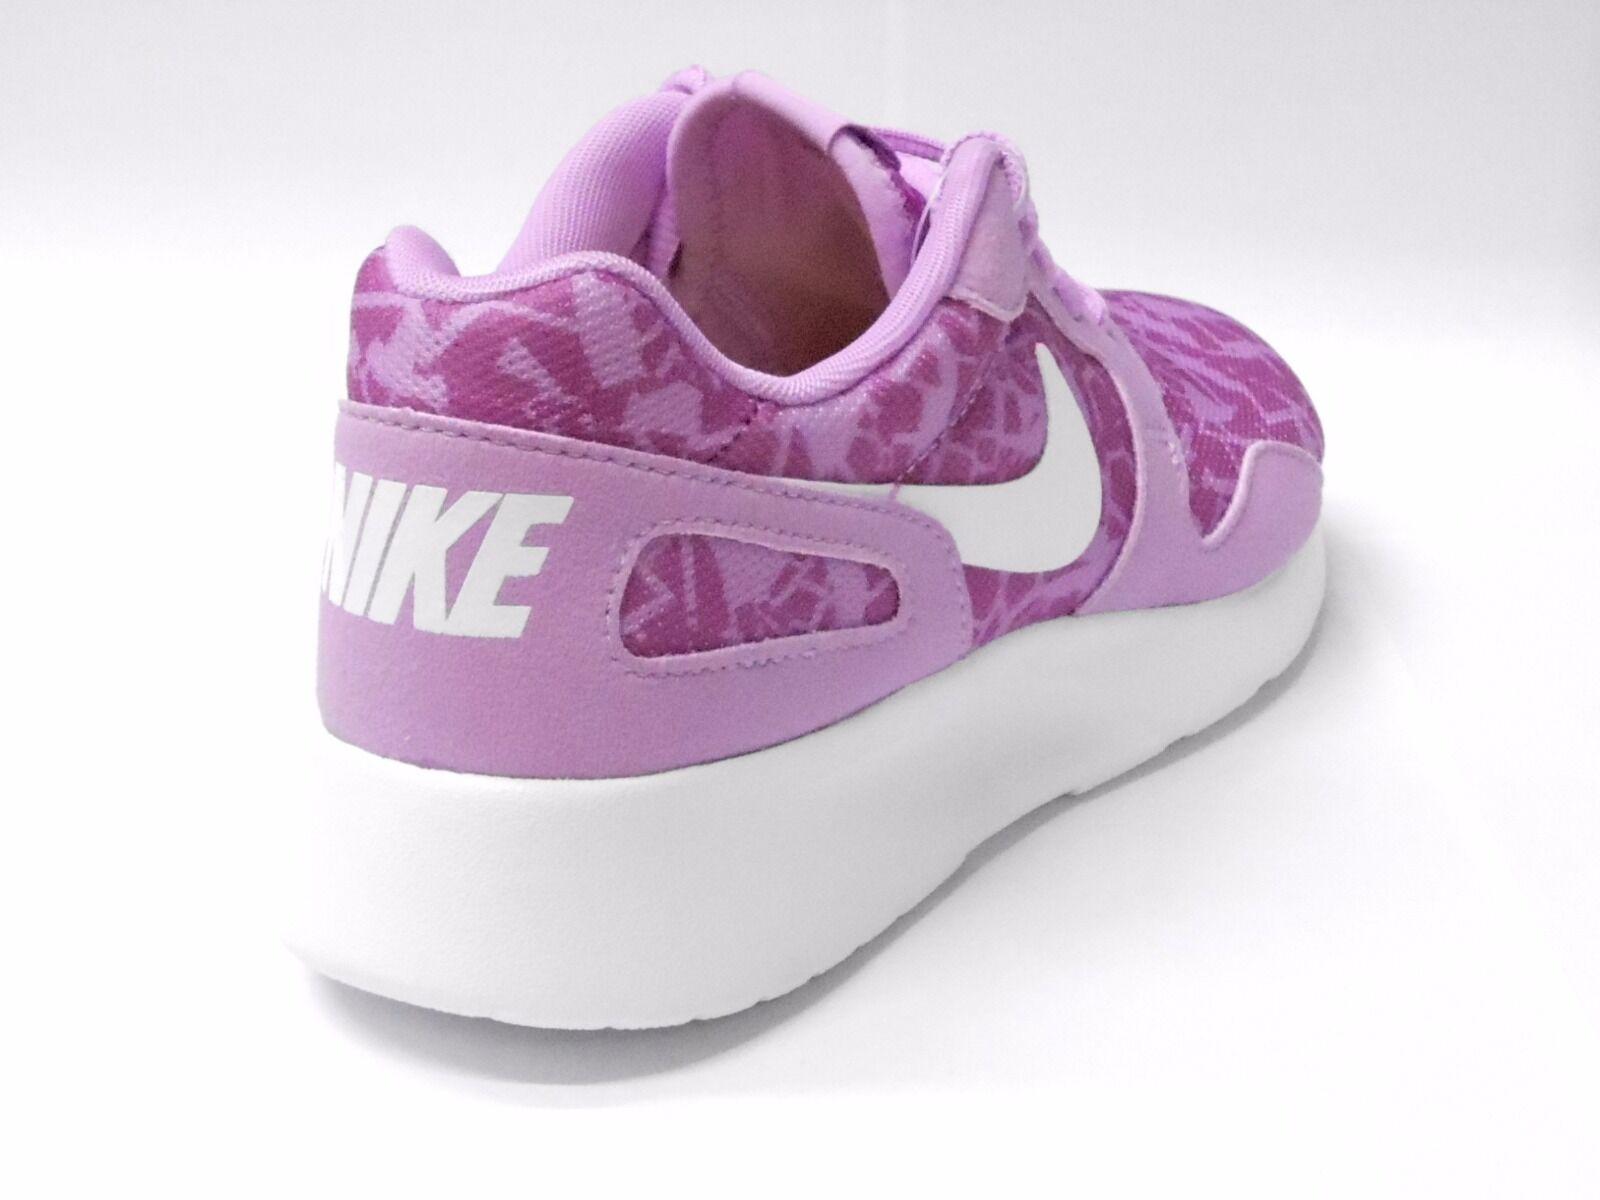 NIKE KAISHI PRINT UK SIZE 5.5 Damenschuhe RUNNING Schuhe Schuhe Schuhe FUCHSIA GLOW  TRAINERS NEW 509438